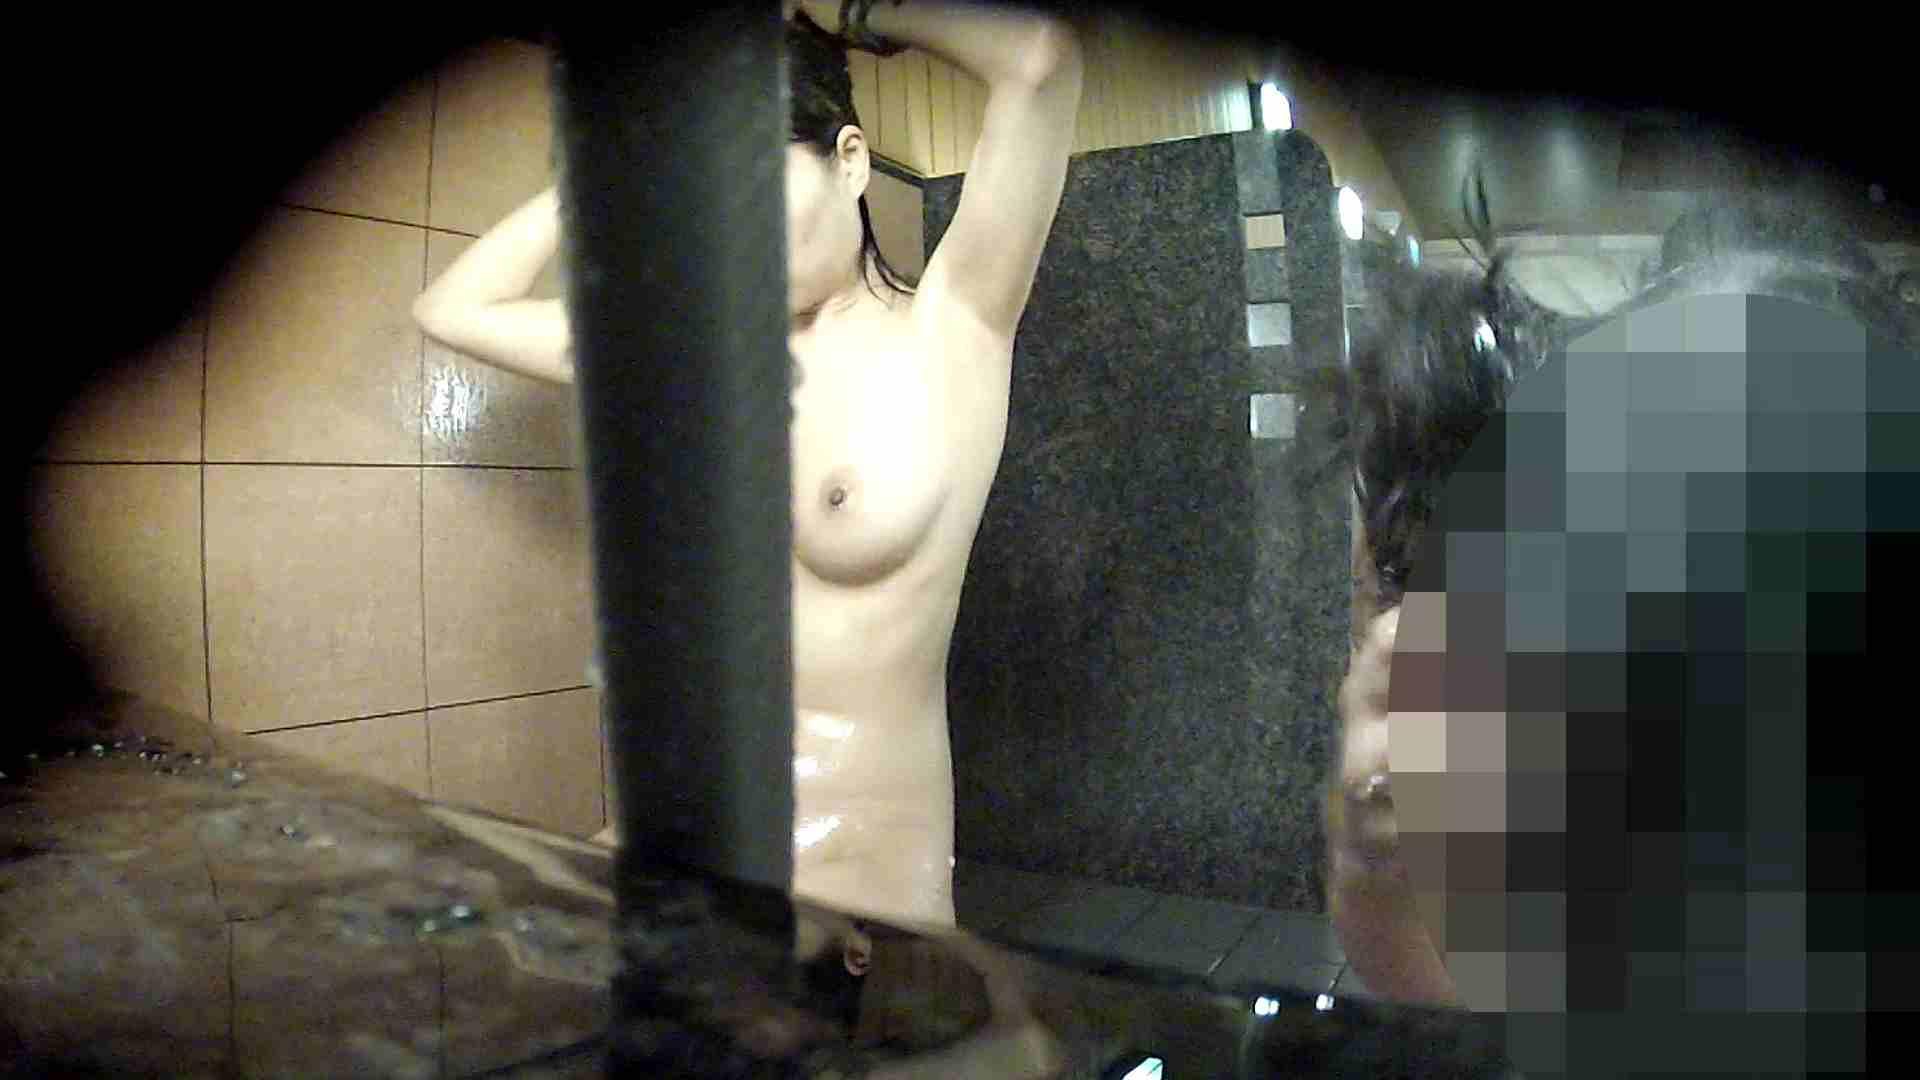 洗い場!今が食べ頃のたわわなオッパイ!サービス付 高画質動画 SEX無修正画像 106画像 84